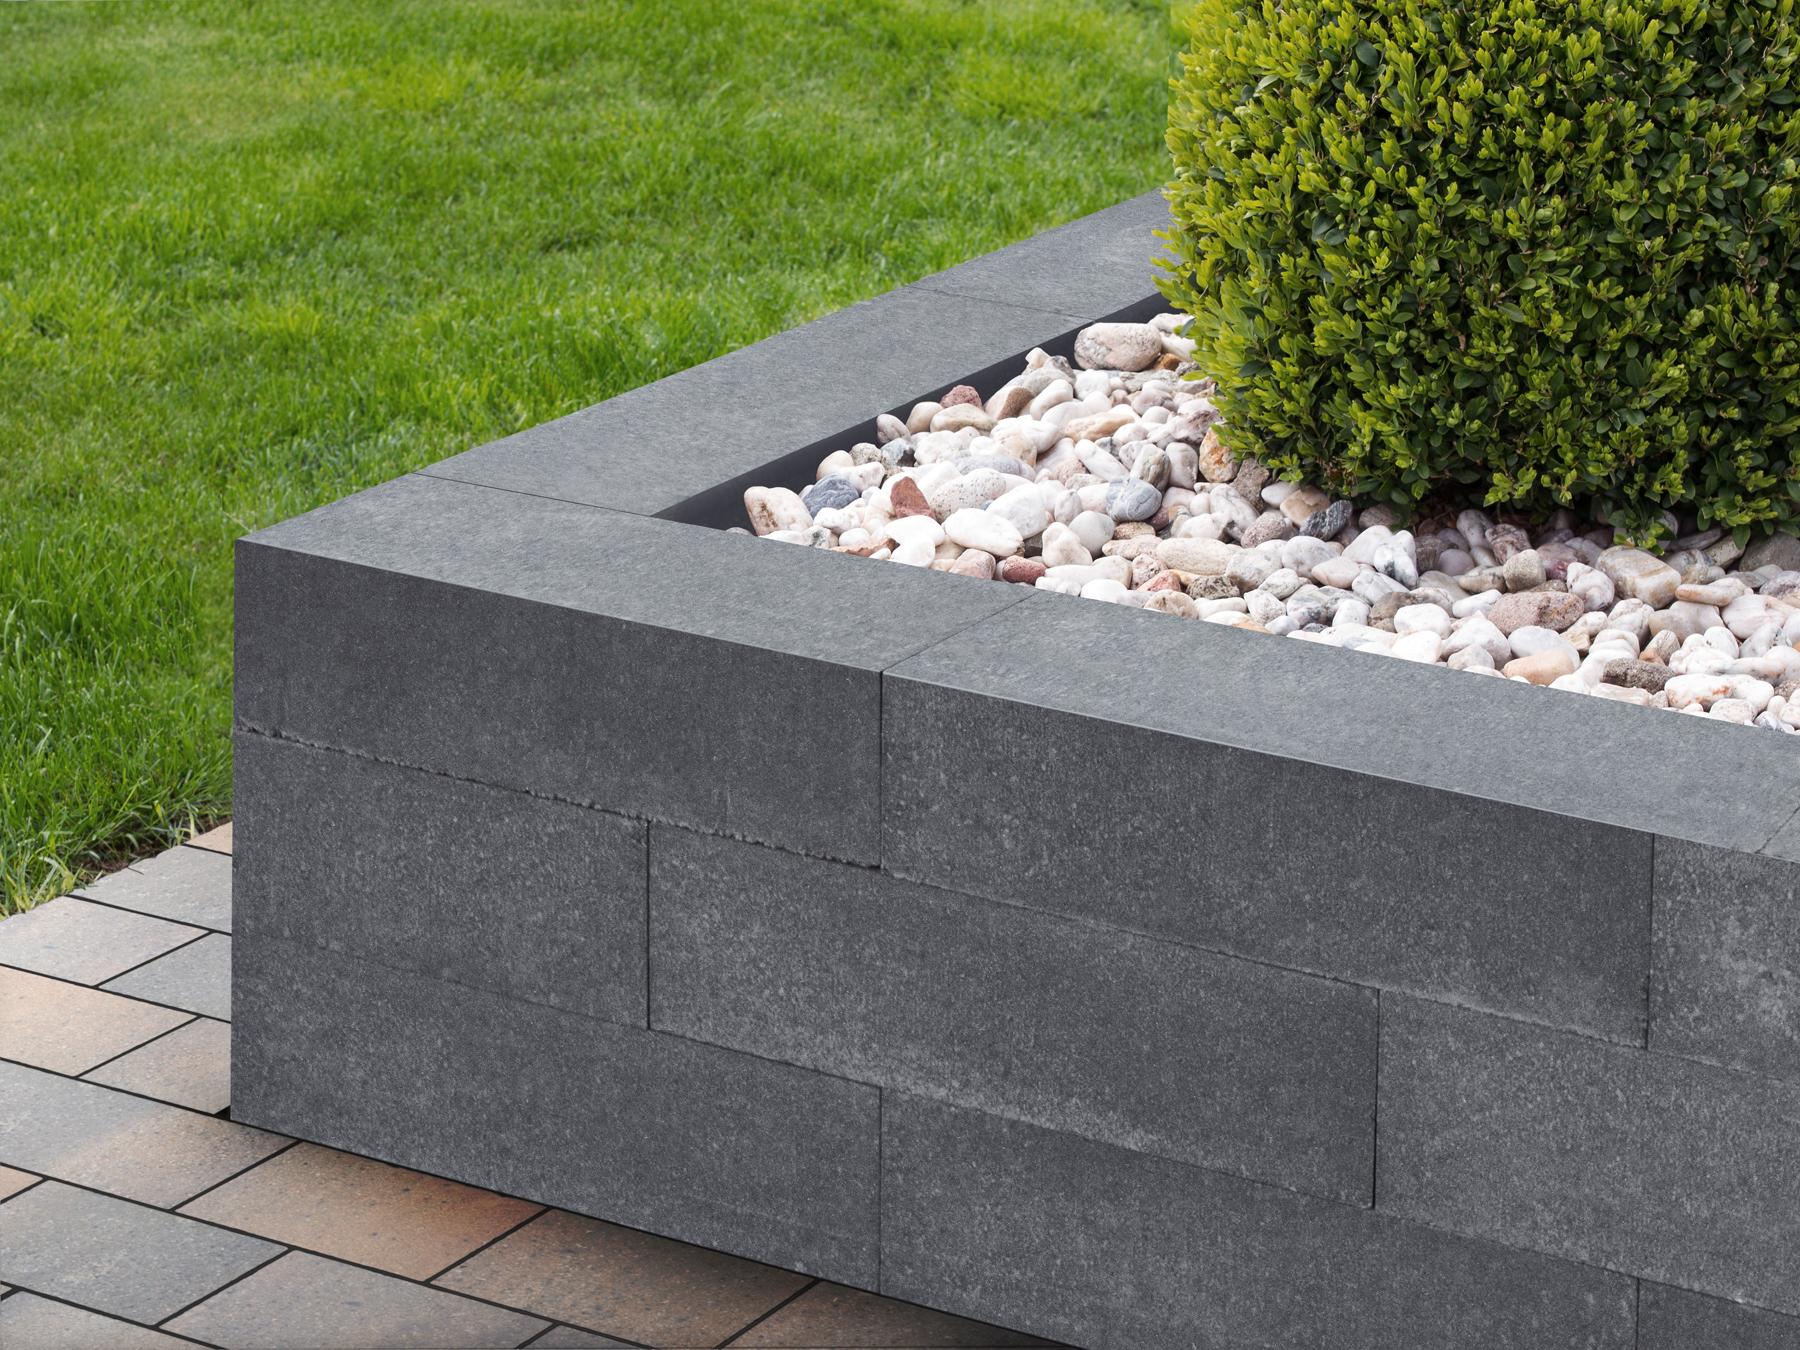 beton mauersteine garten and plano mauer kortmann beton